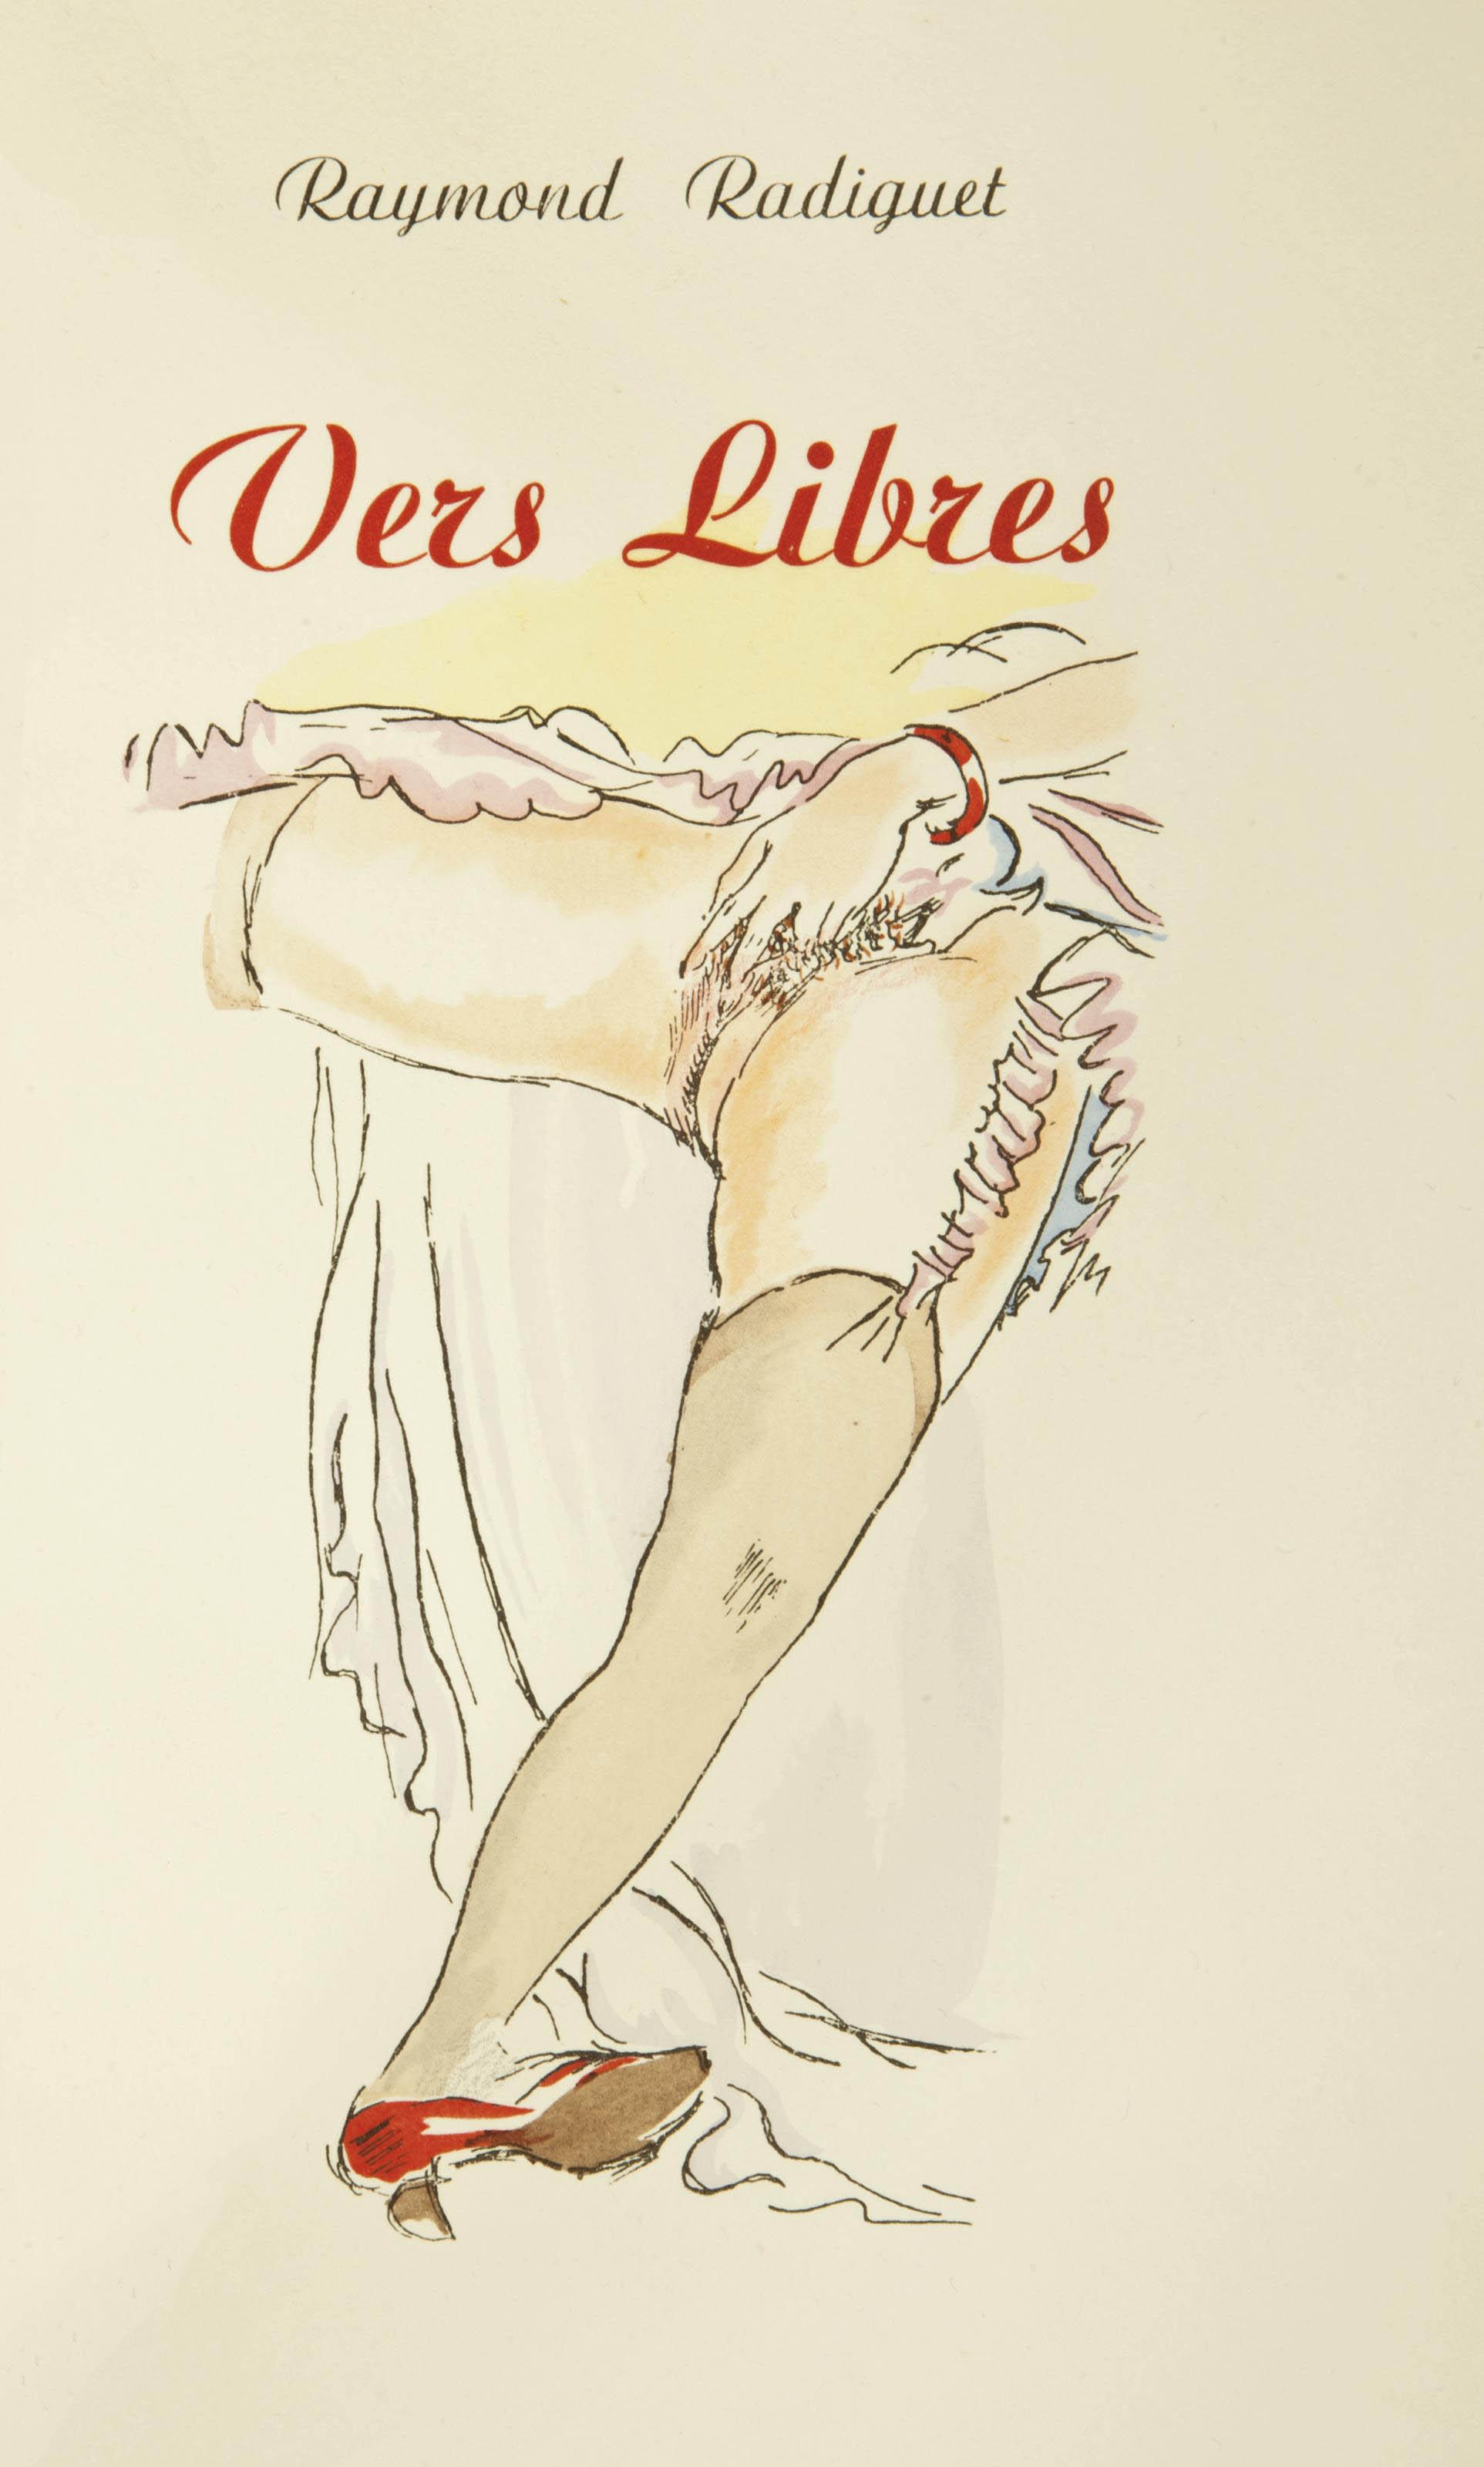 [ROJAN] -- RADIGUET, Raymond (1903-1923). Vers Libres. Nogent: au panier fleuri, [Paris vers 1937].